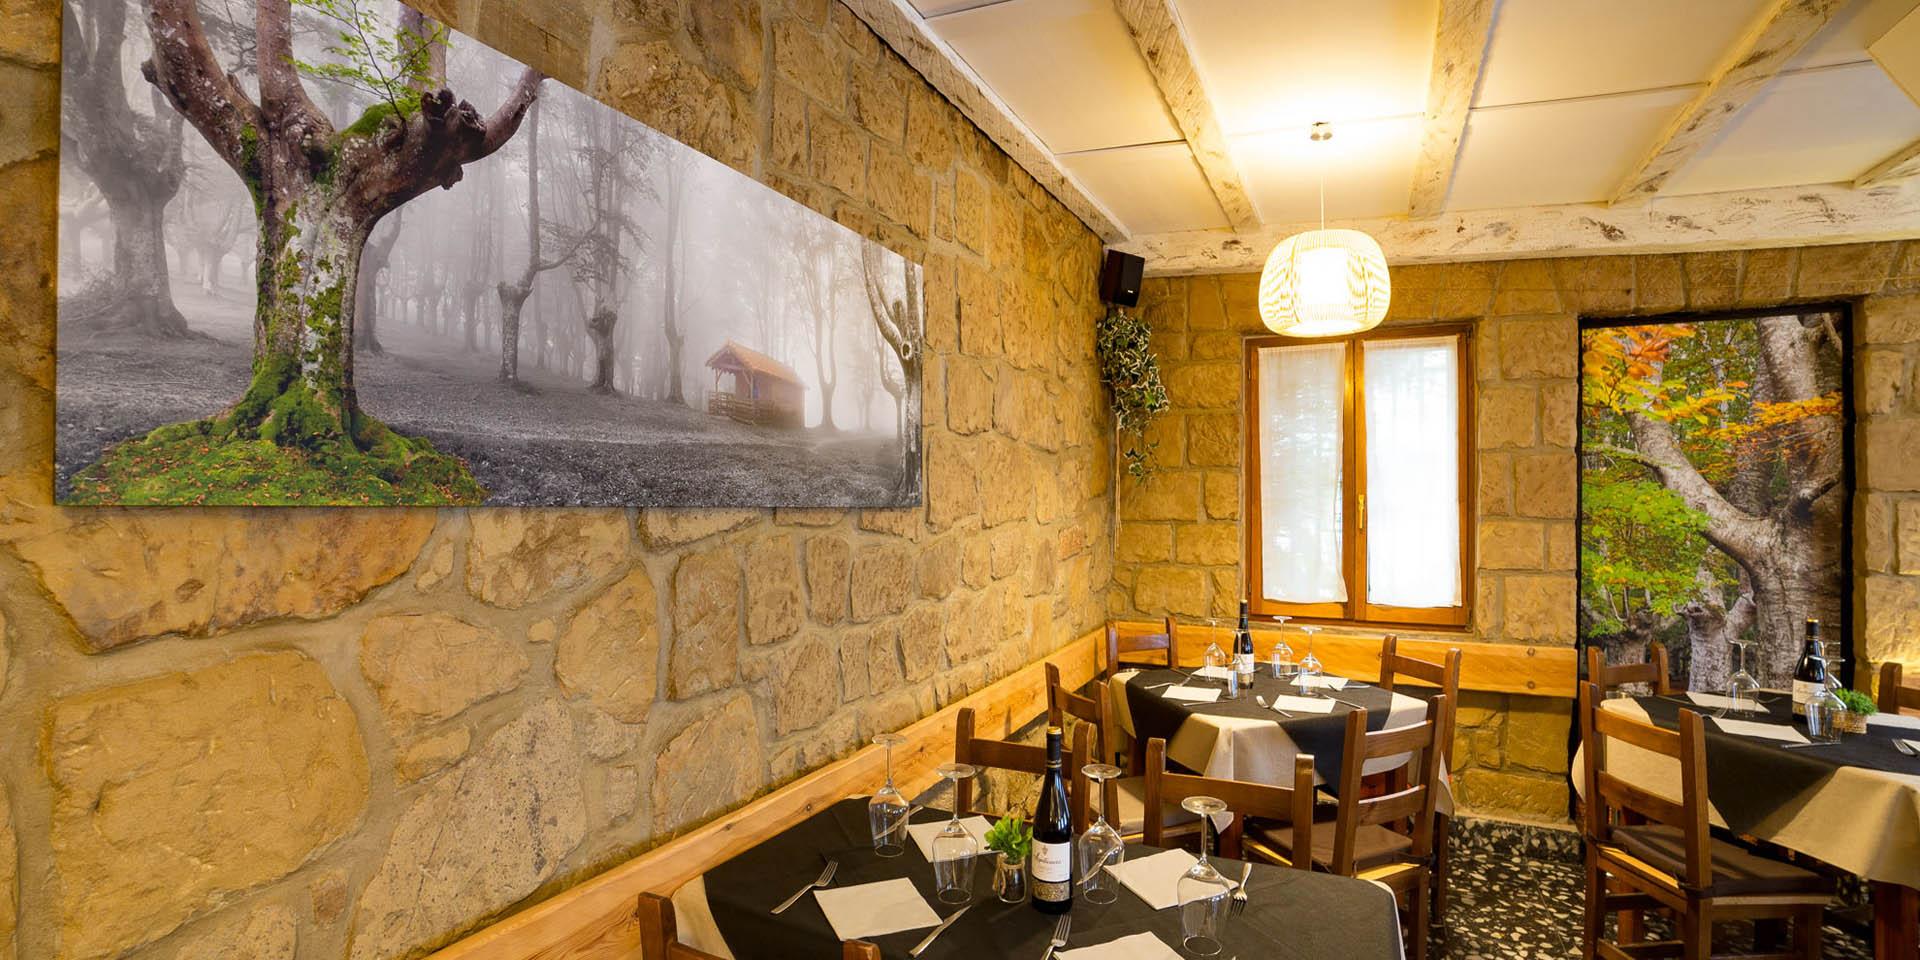 180713 Restaurante Etxe-Nagusi Igeldo01